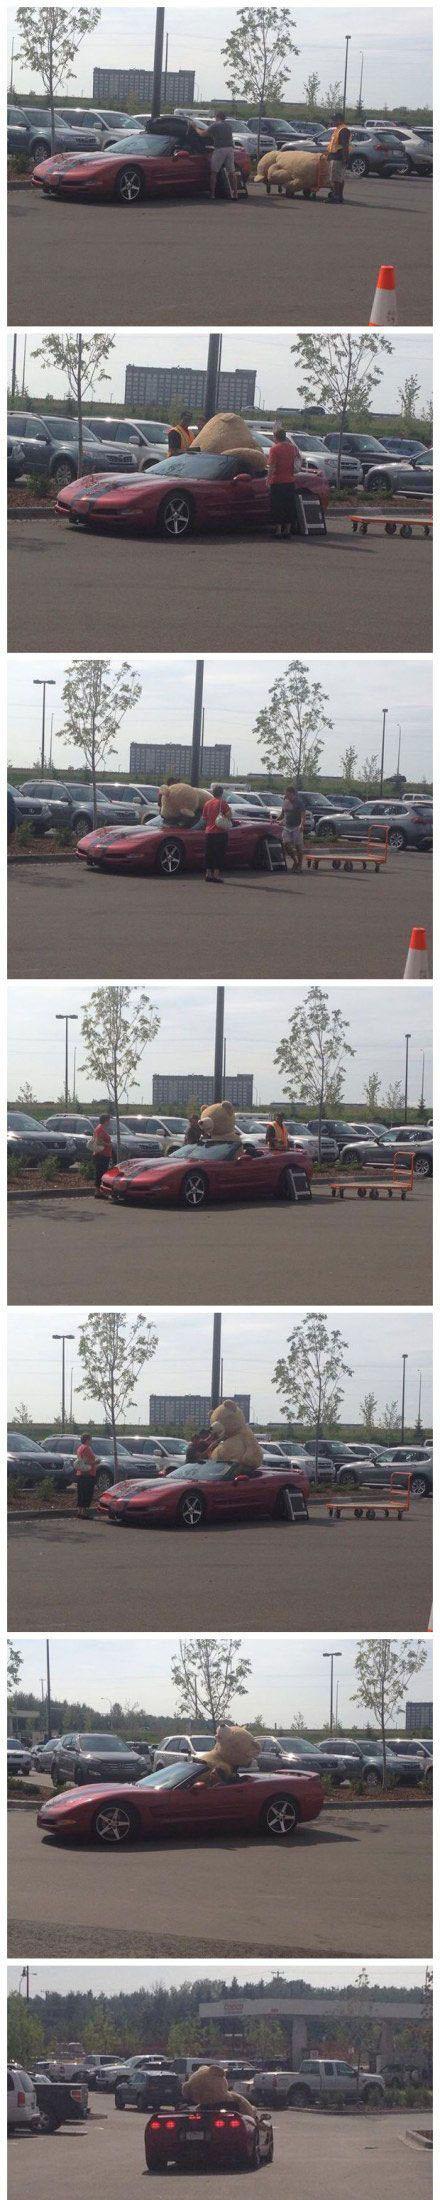 一哥们买了一只超大号的玩具熊之后[搞笑交通]